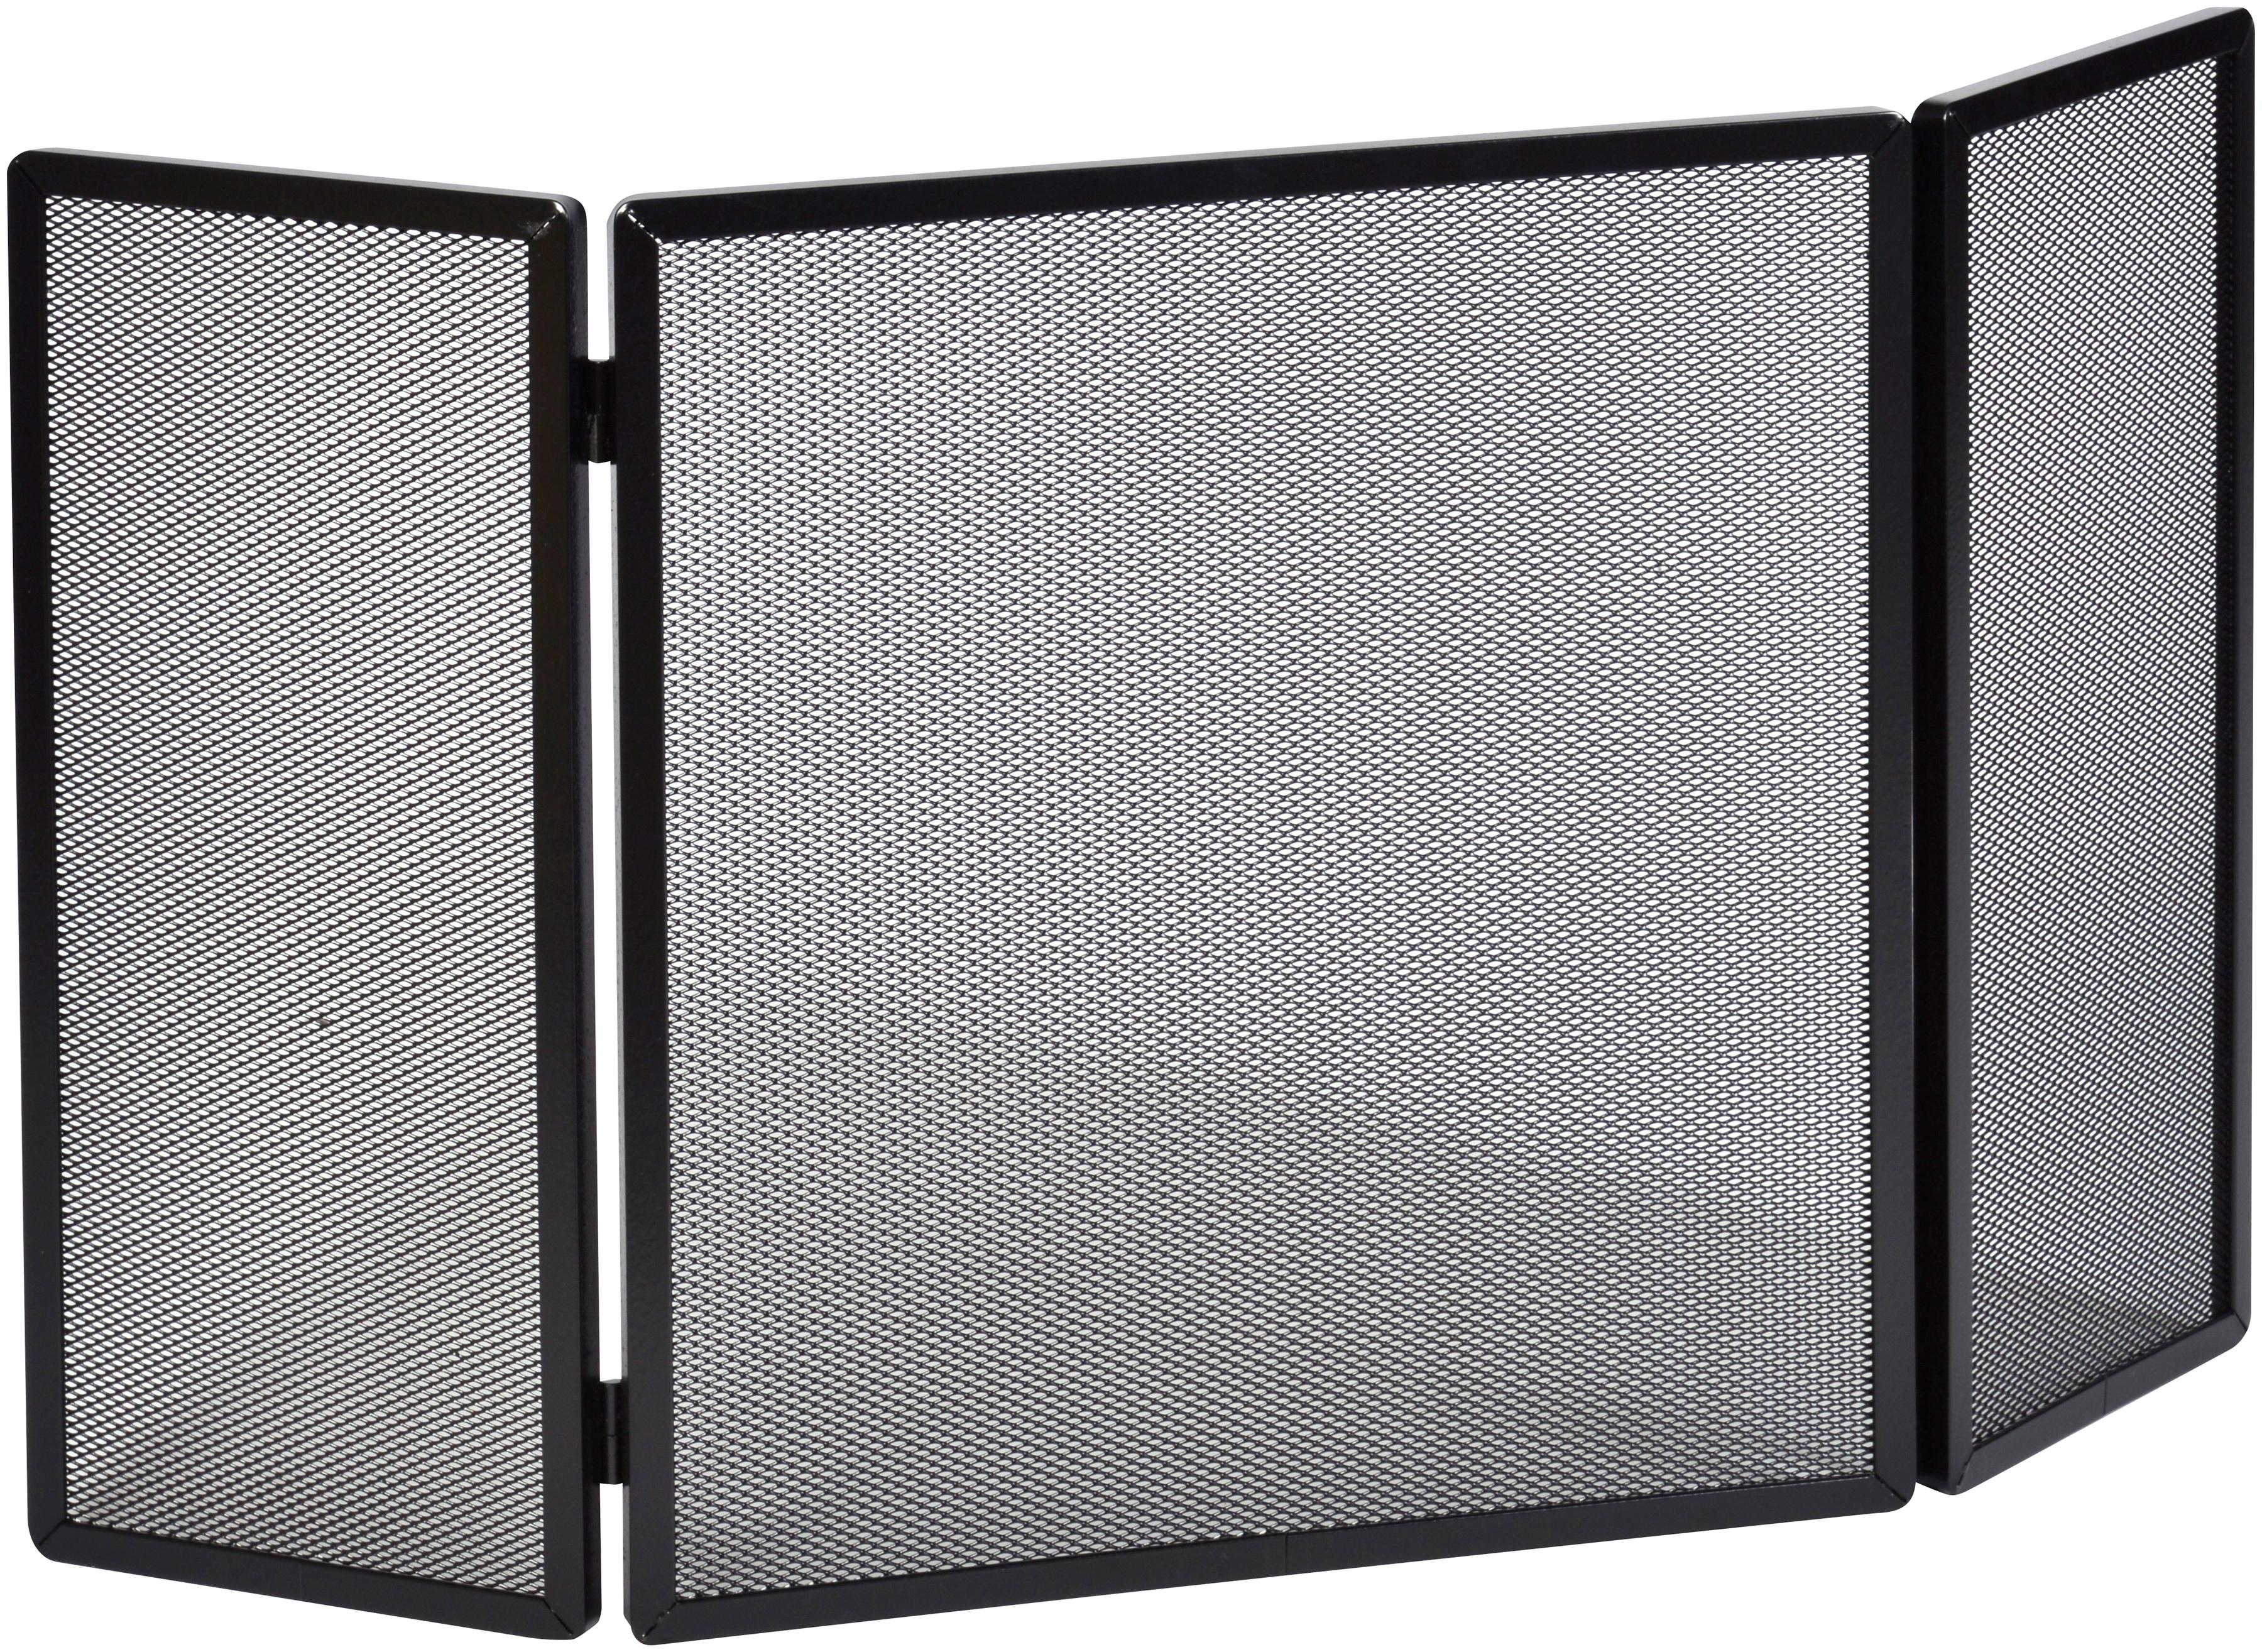 Firefix Funkenschutzgitter, mit Gittergeflecht, 75 x 50 45 cm (BxHxL) schwarz Funkenschutzgitter Kamin Öfenzubehör Heizen Klima